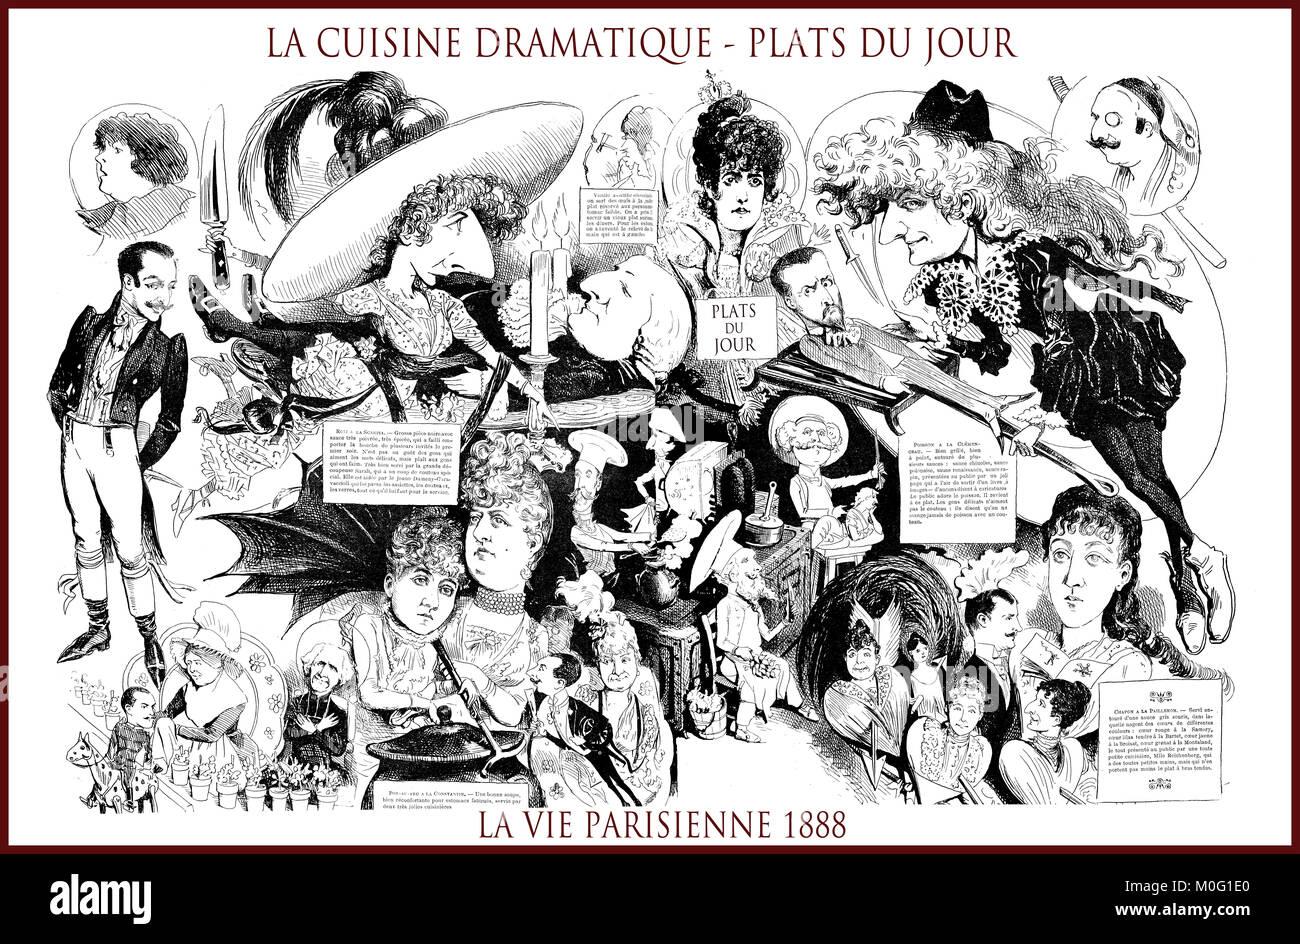 French satirical magazine La vie Parisienne 1888, central page: la cuisine dramatique, plats du jour - drama kitchen, - Stock Image